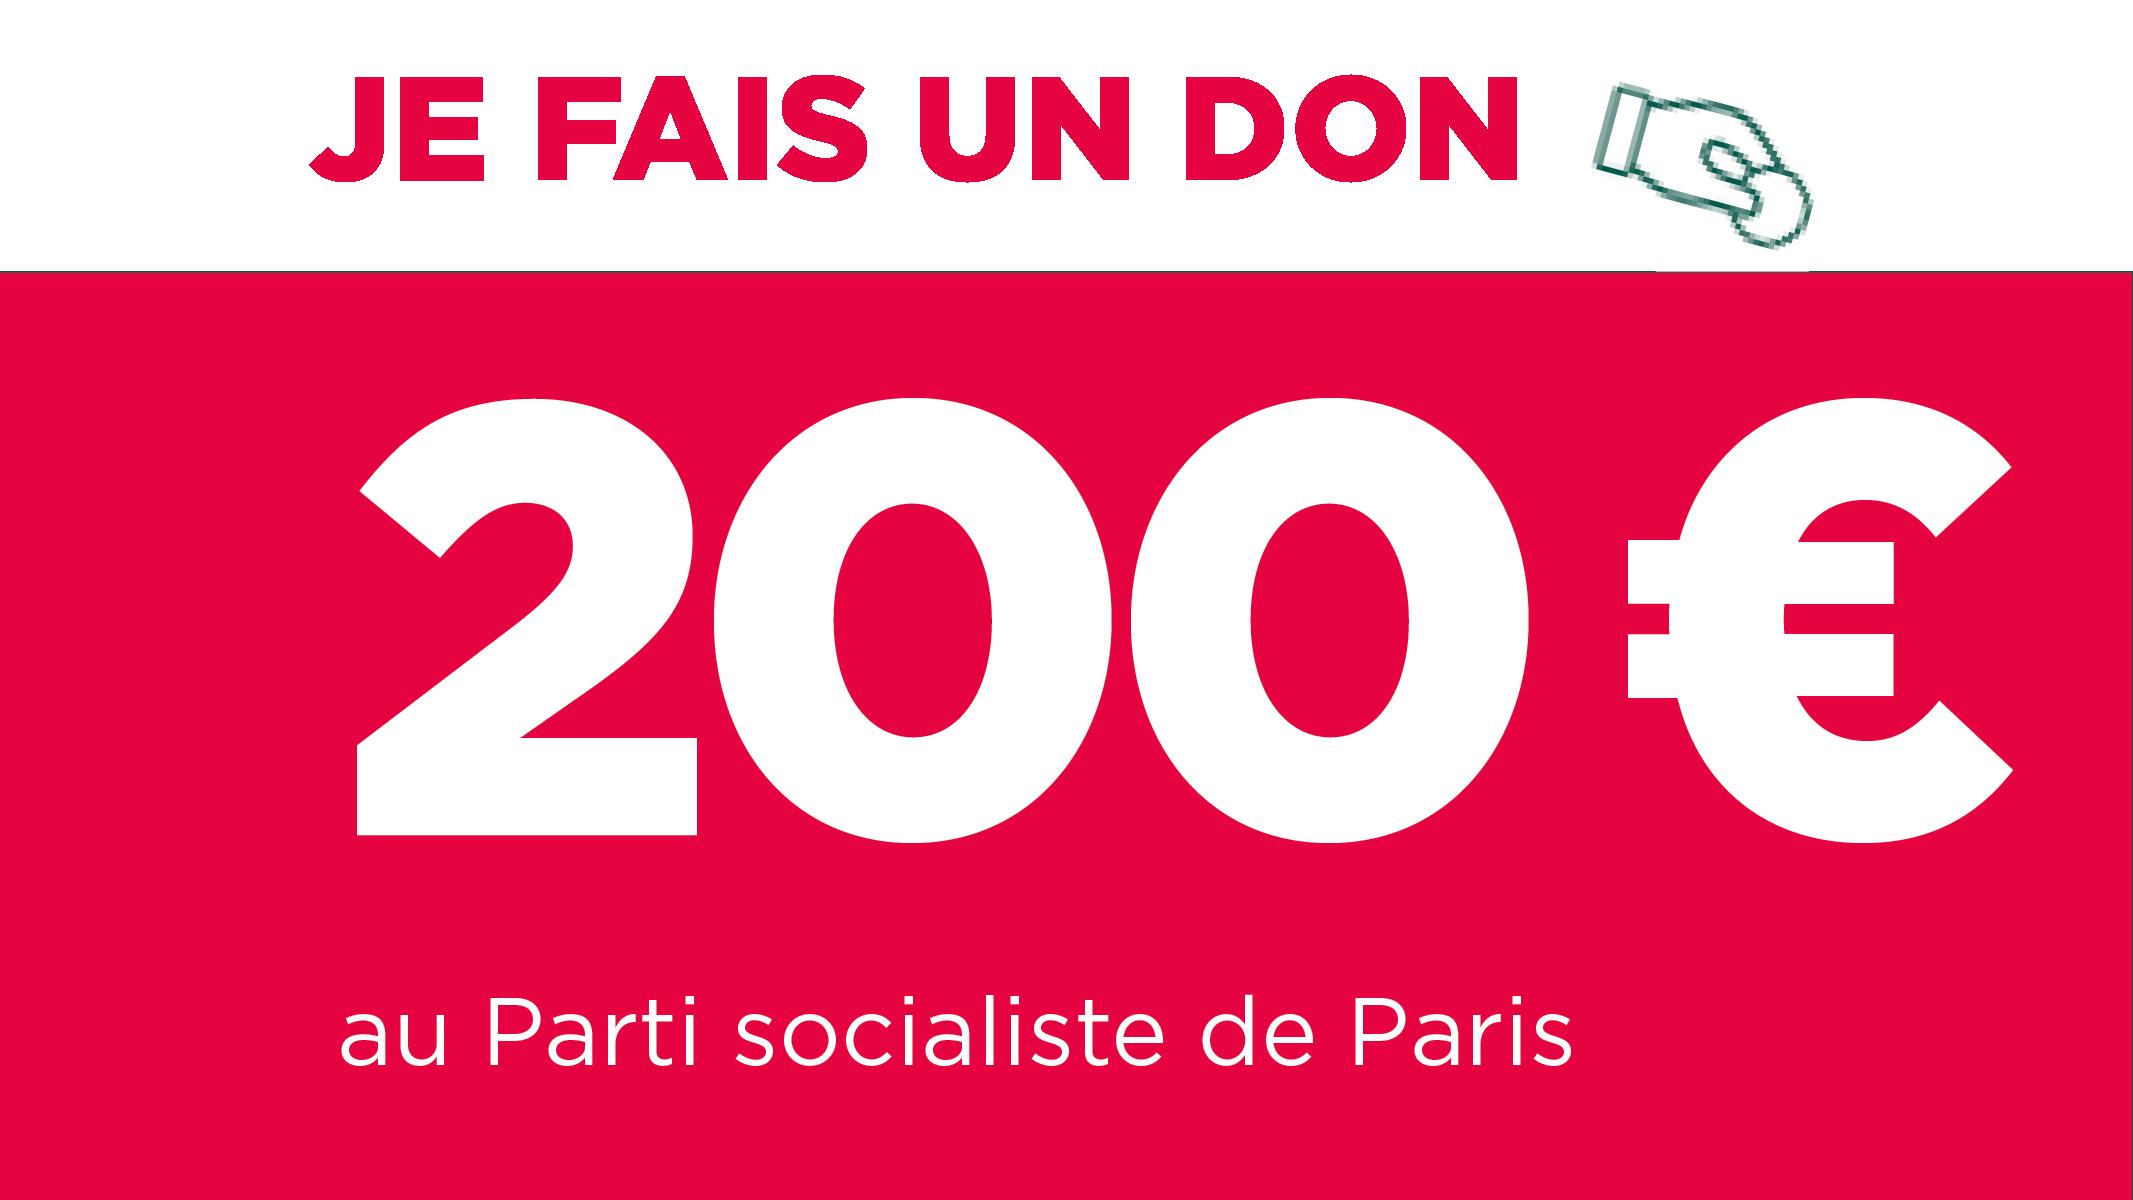 Je fais un don de 200€ au Parti socialiste de Paris